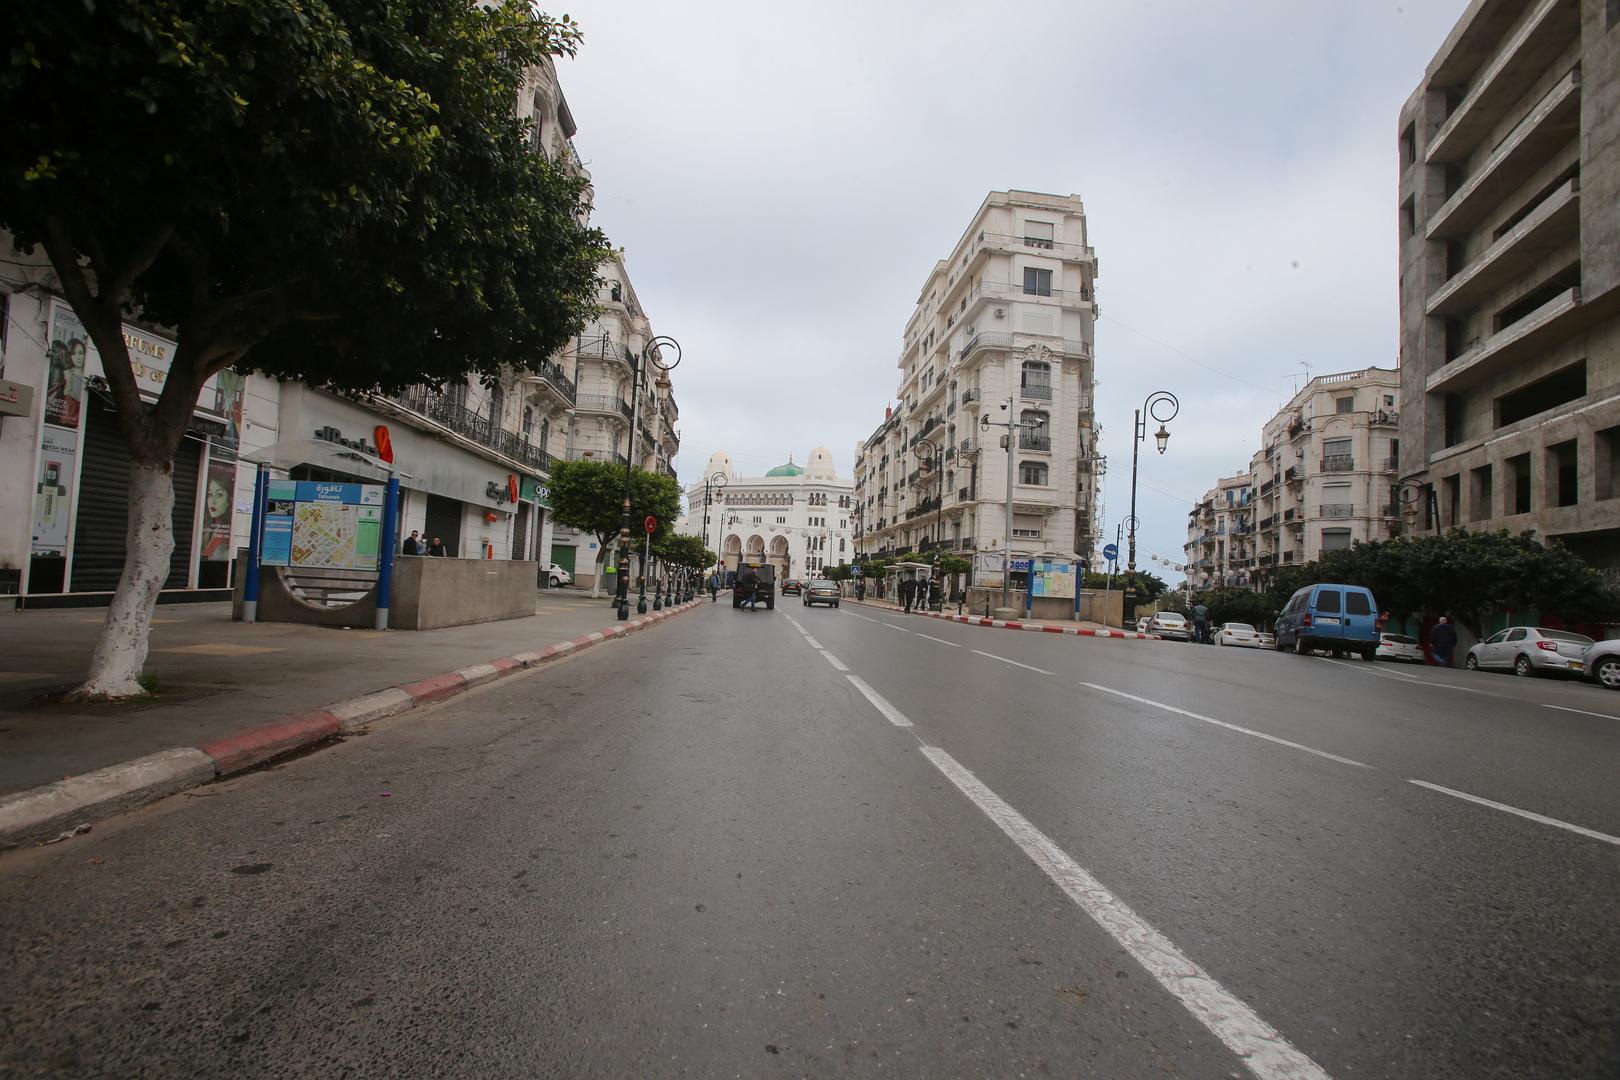 شارع ديدوش مراد وسط مدينة الجزائر.